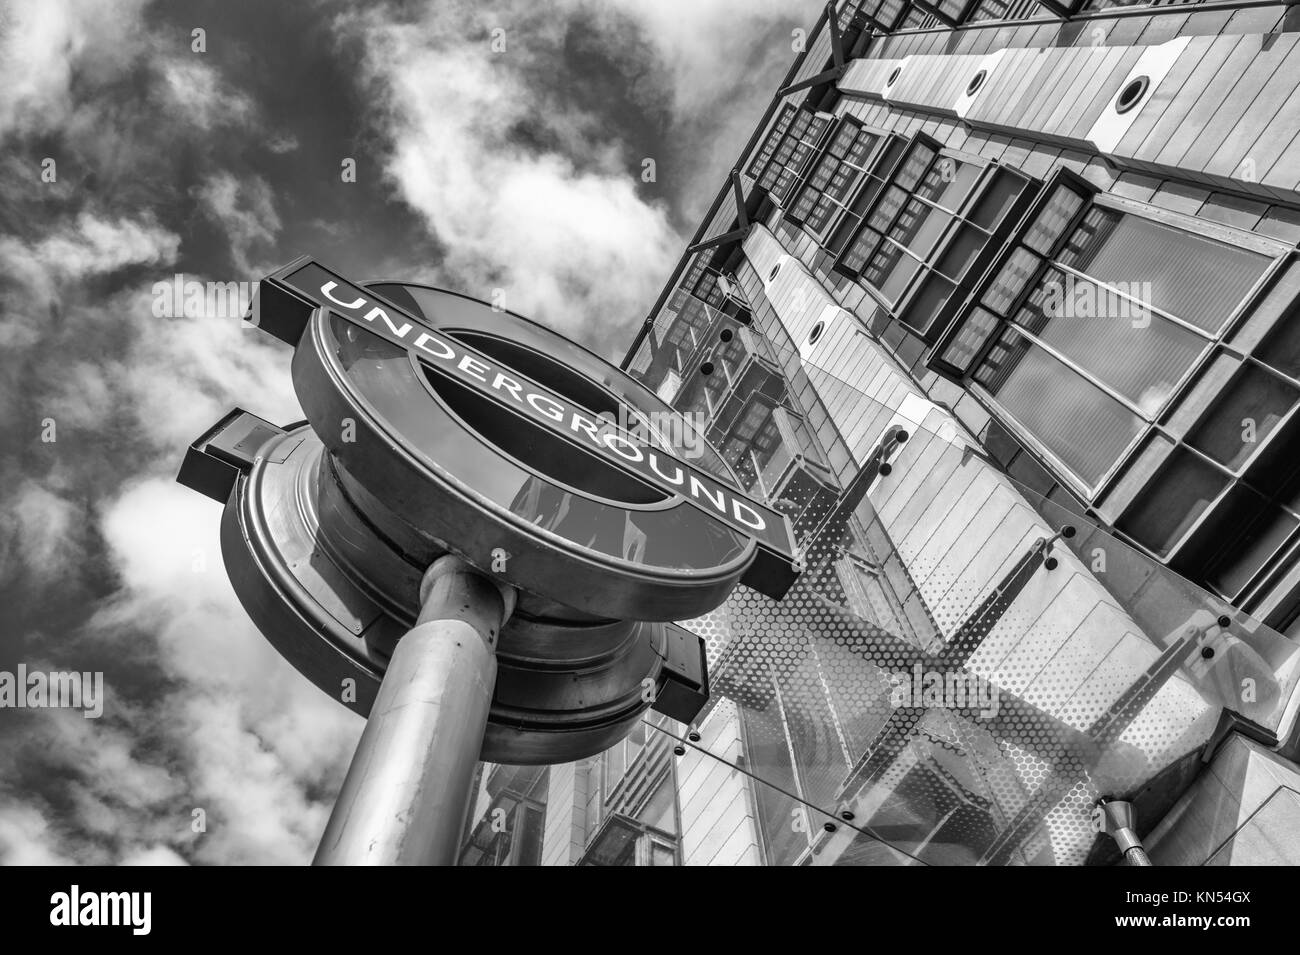 La estación del metro de Londres Londres : firmar. 3,5 millones de viajes de pasajeros se hacen cada día Imagen De Stock